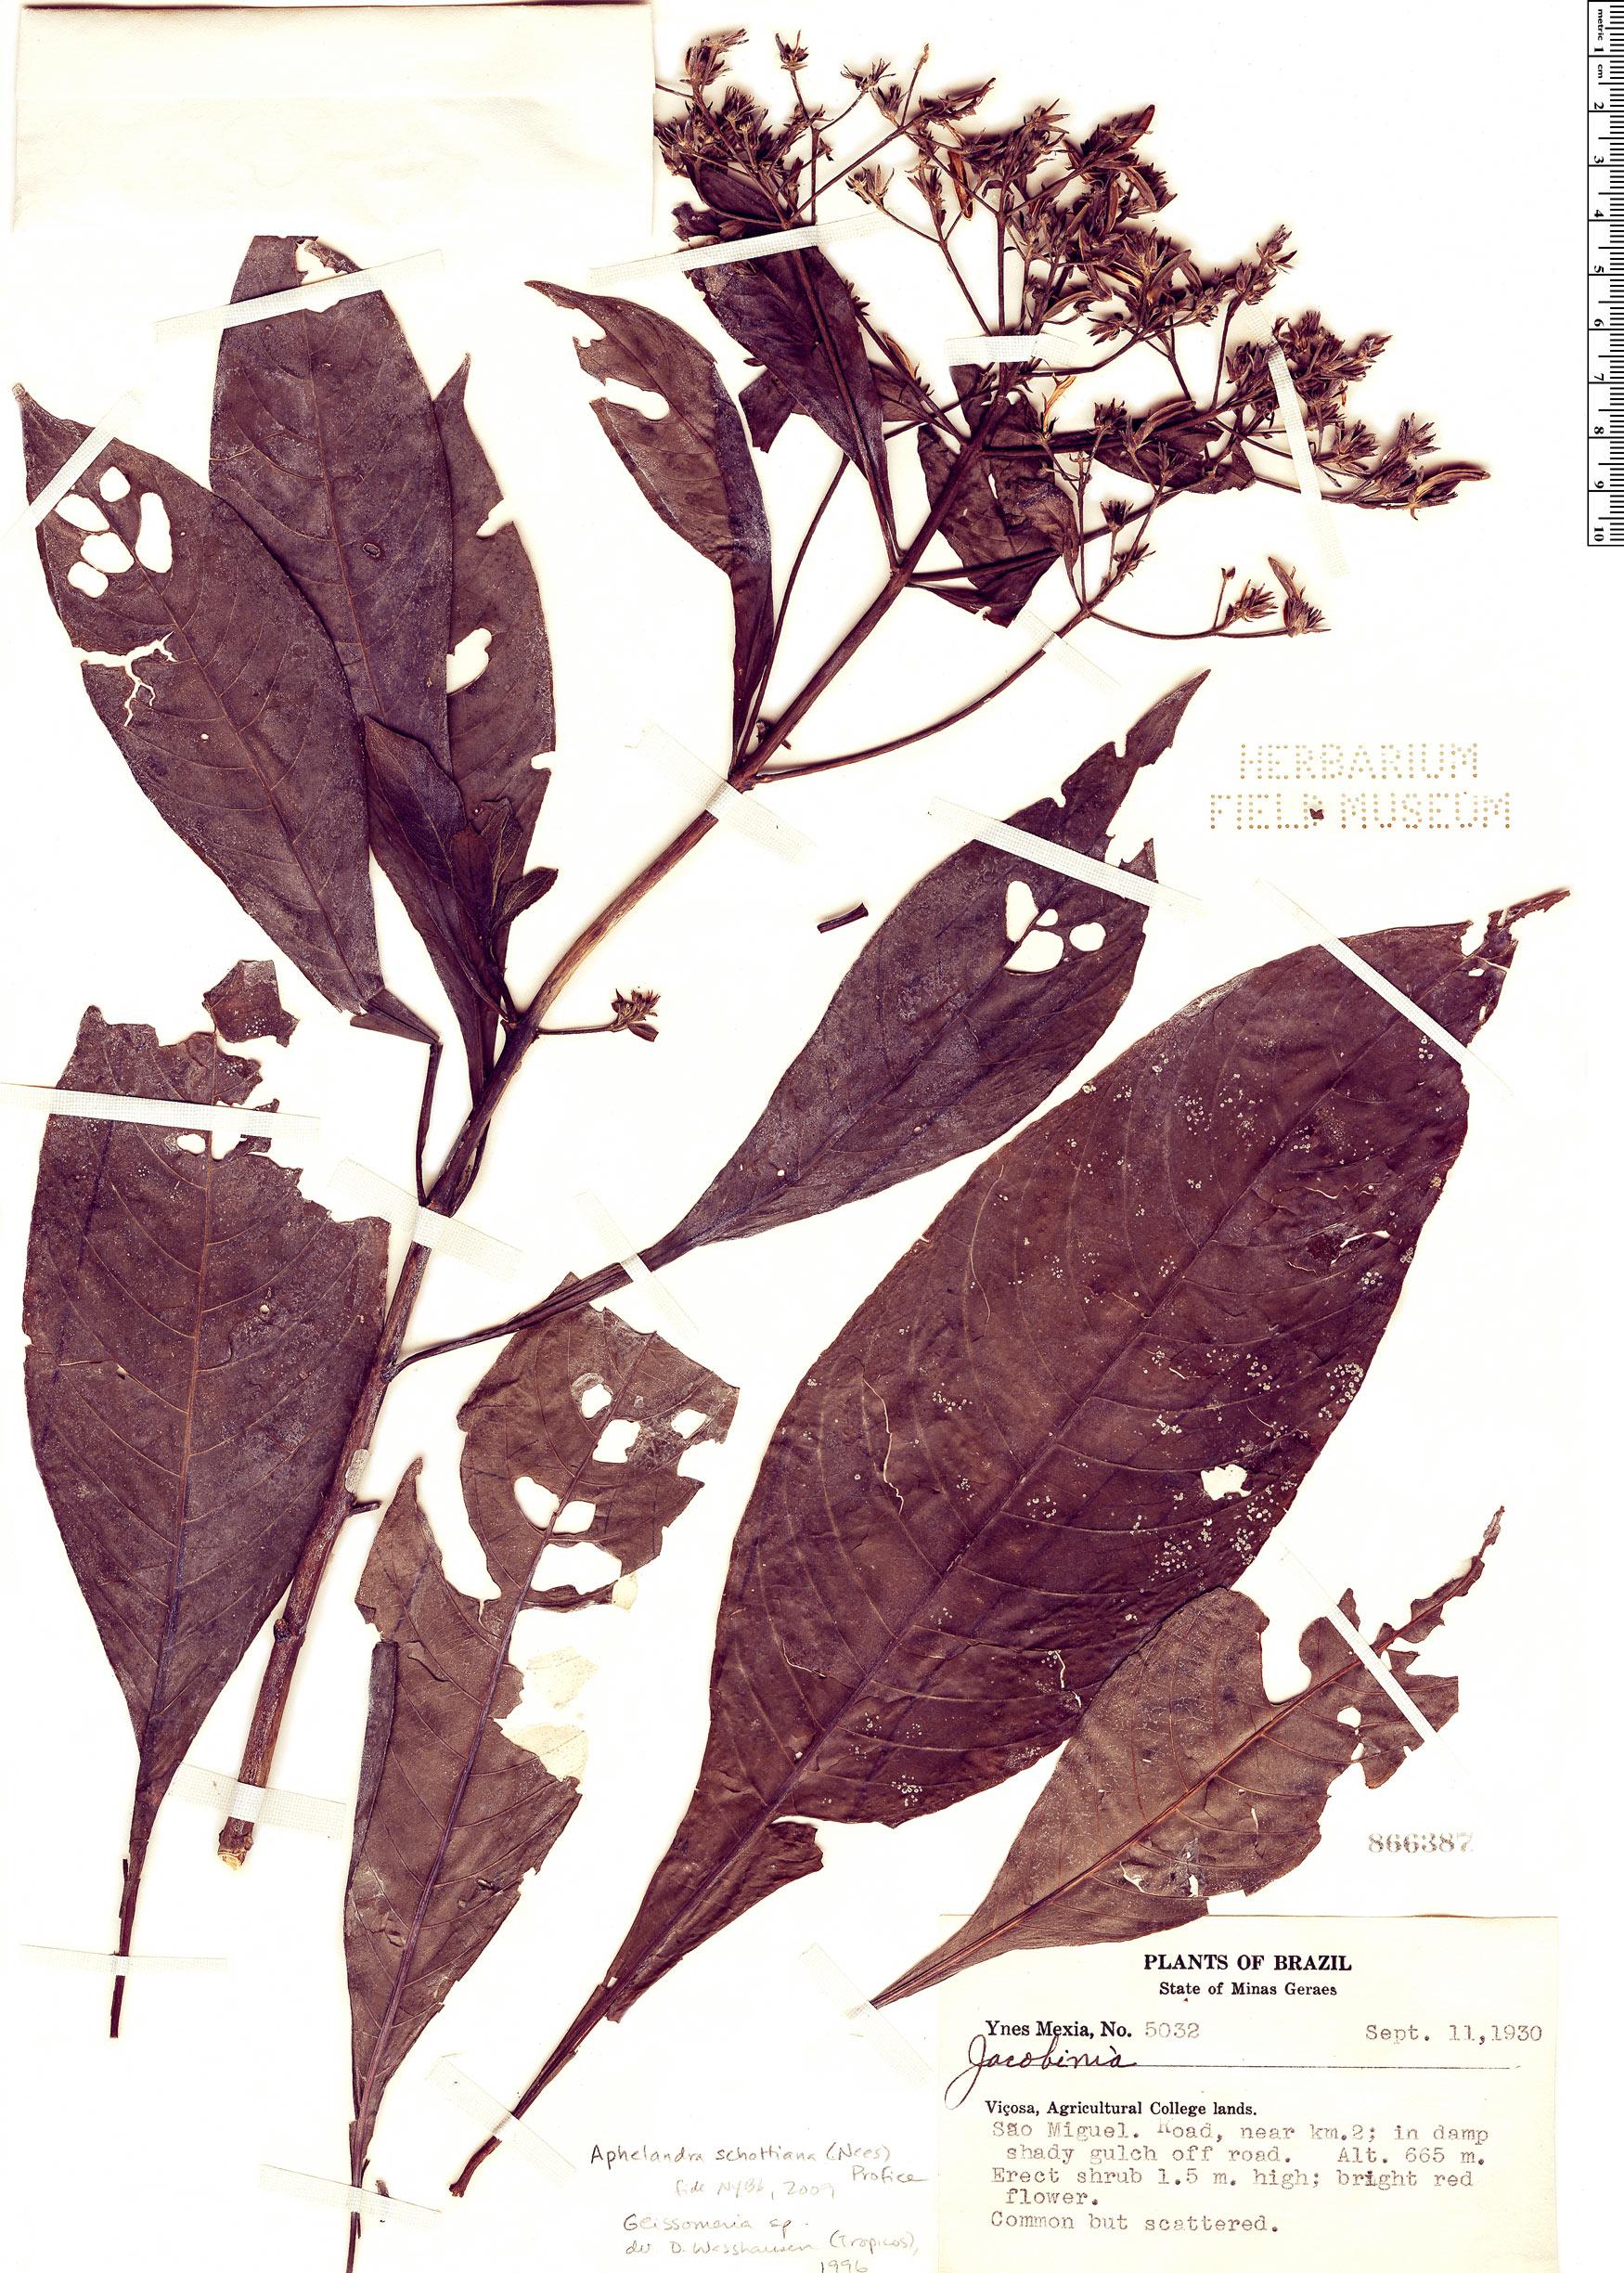 Specimen: Aphelandra schottiana